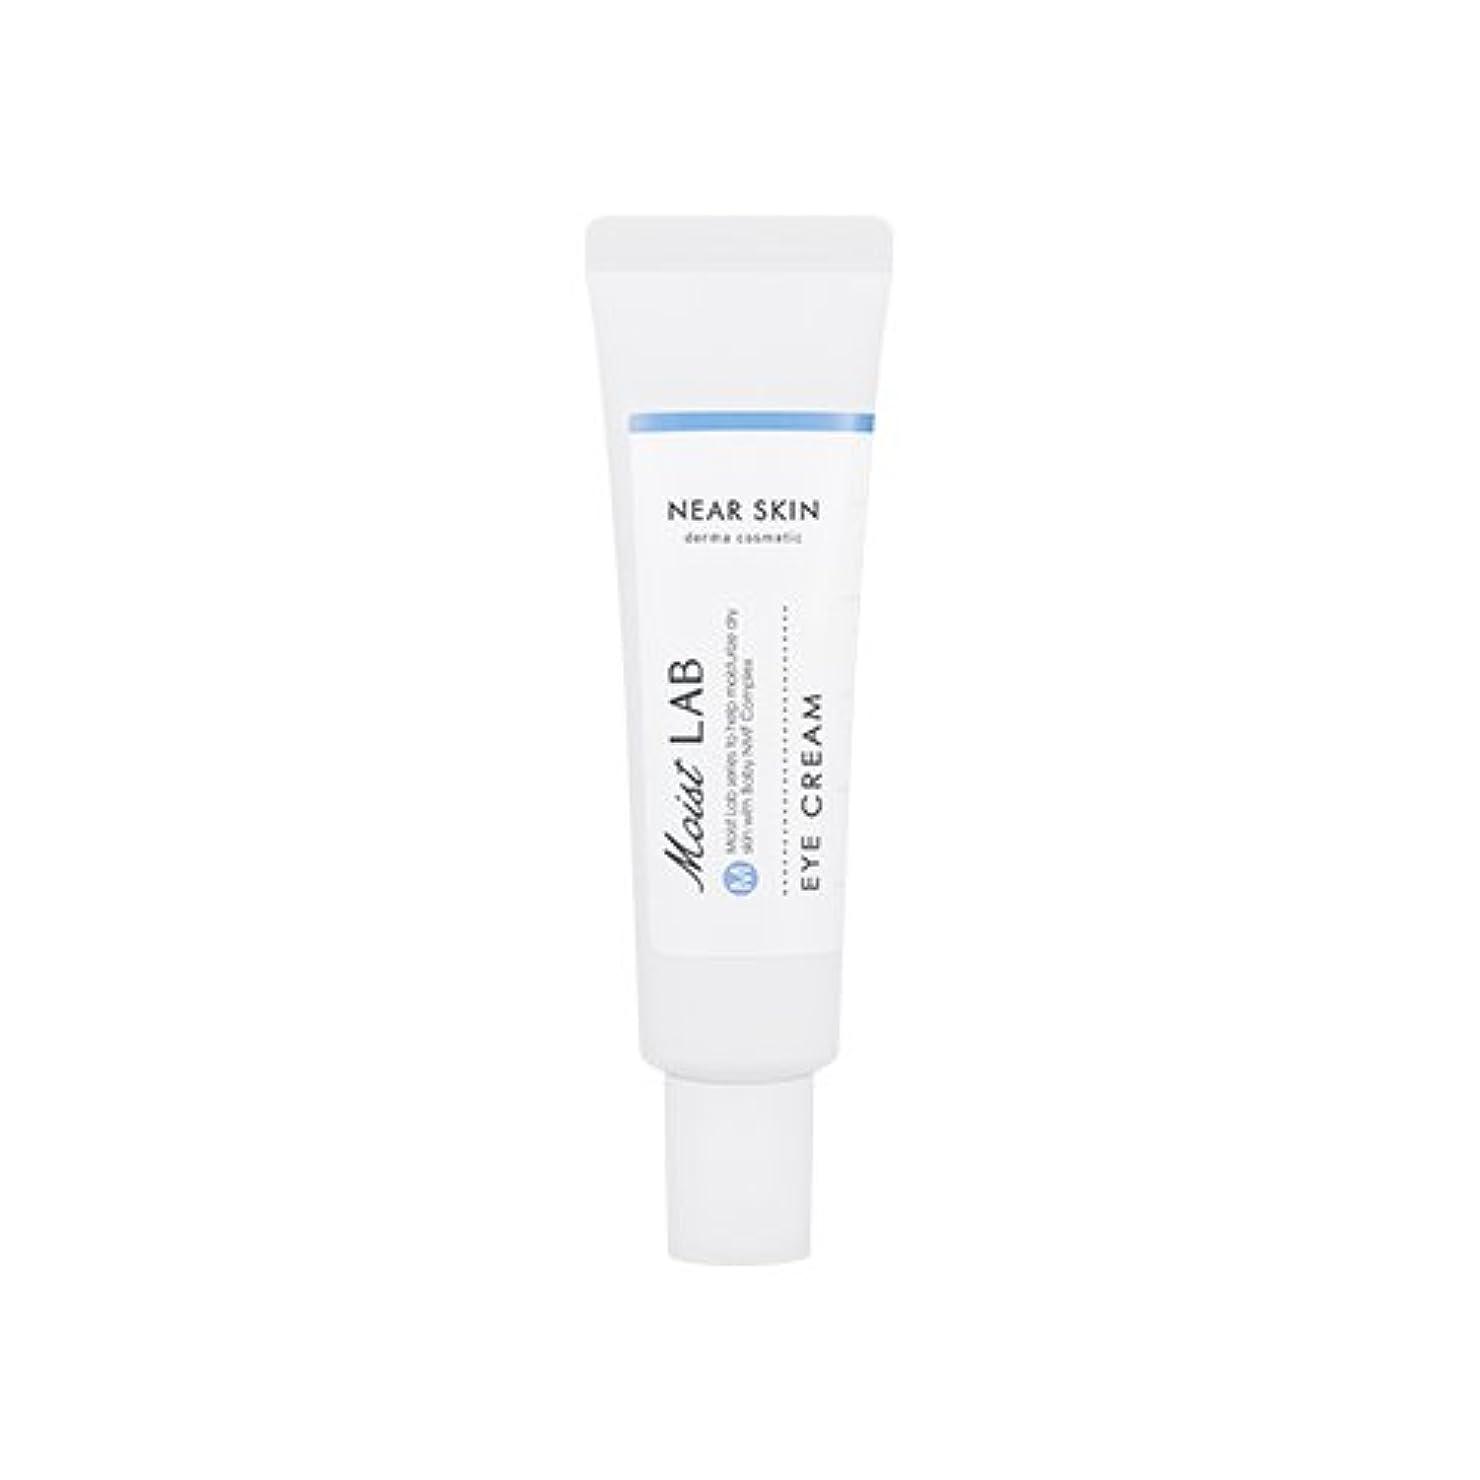 無関心雇う実行MISSHA NEAR SKIN Derma Cosmetic Moist LAB (Eye Cream) / ミシャ ニアスキン ダーマコスメティックモイストラボ アイクリーム 30ml [並行輸入品]